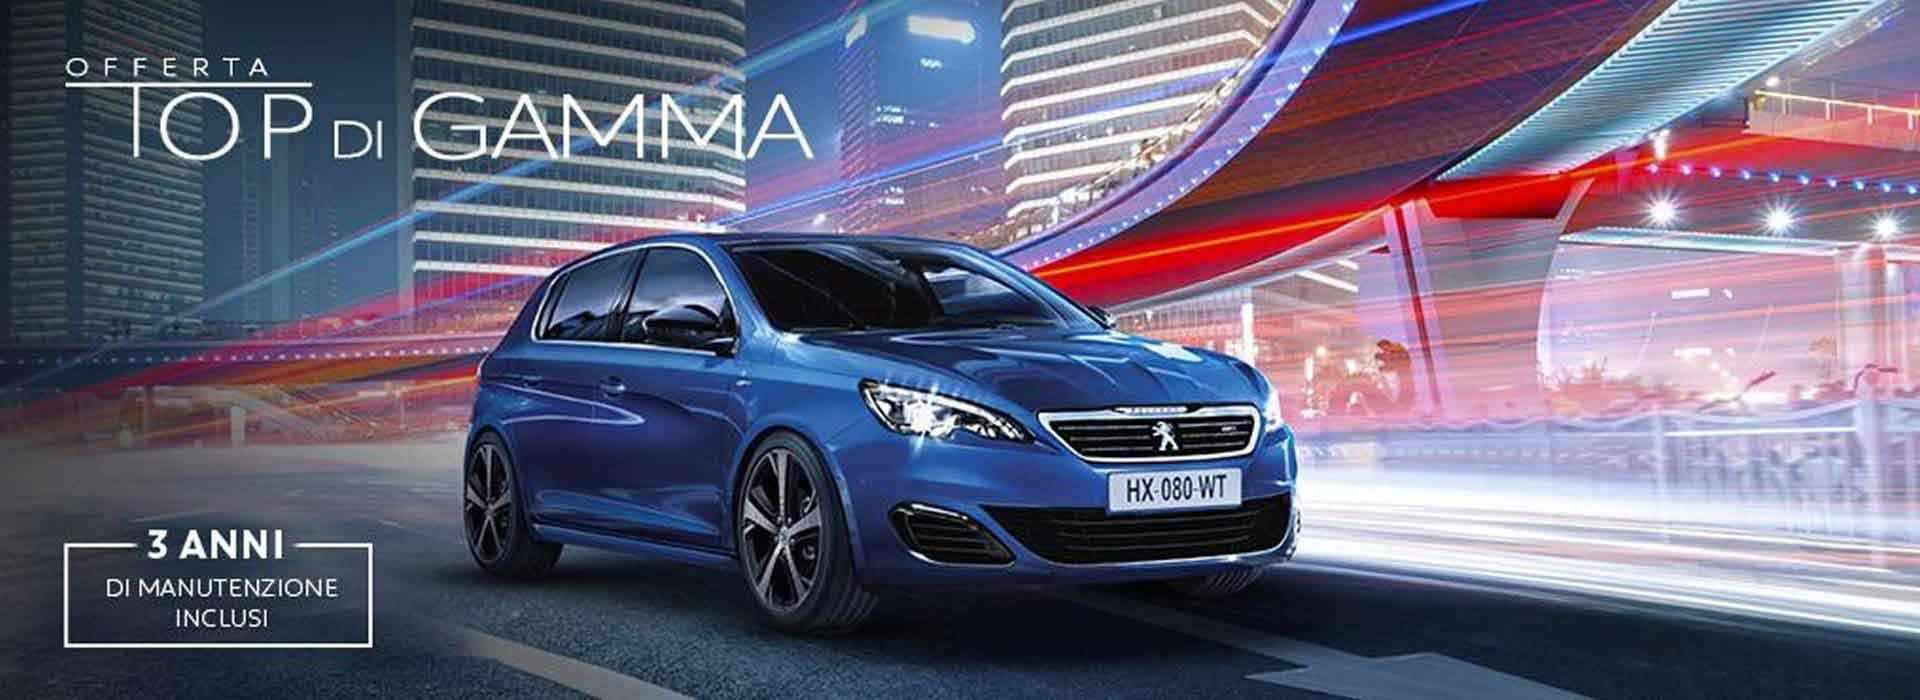 Peugeot 308 nuovo in promozione